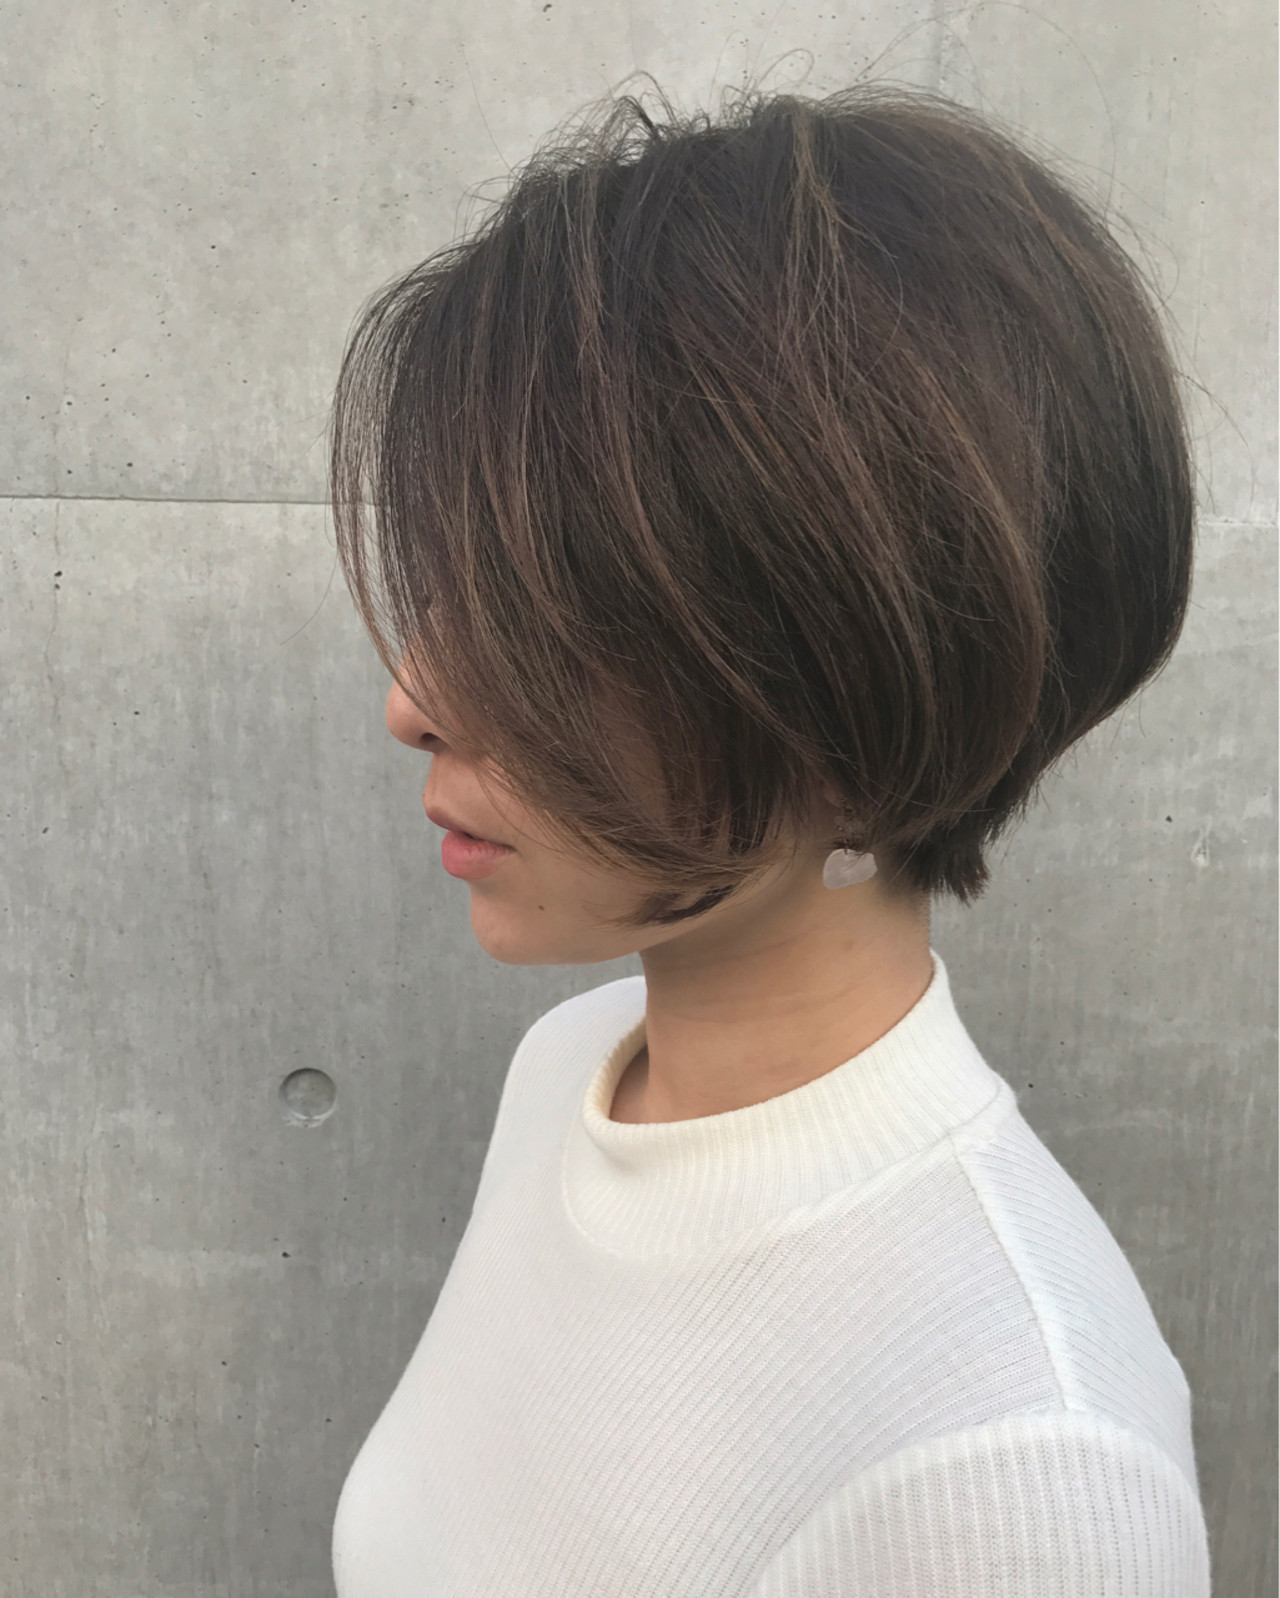 ショート 冬 大人女子 ナチュラル ヘアスタイルや髪型の写真・画像